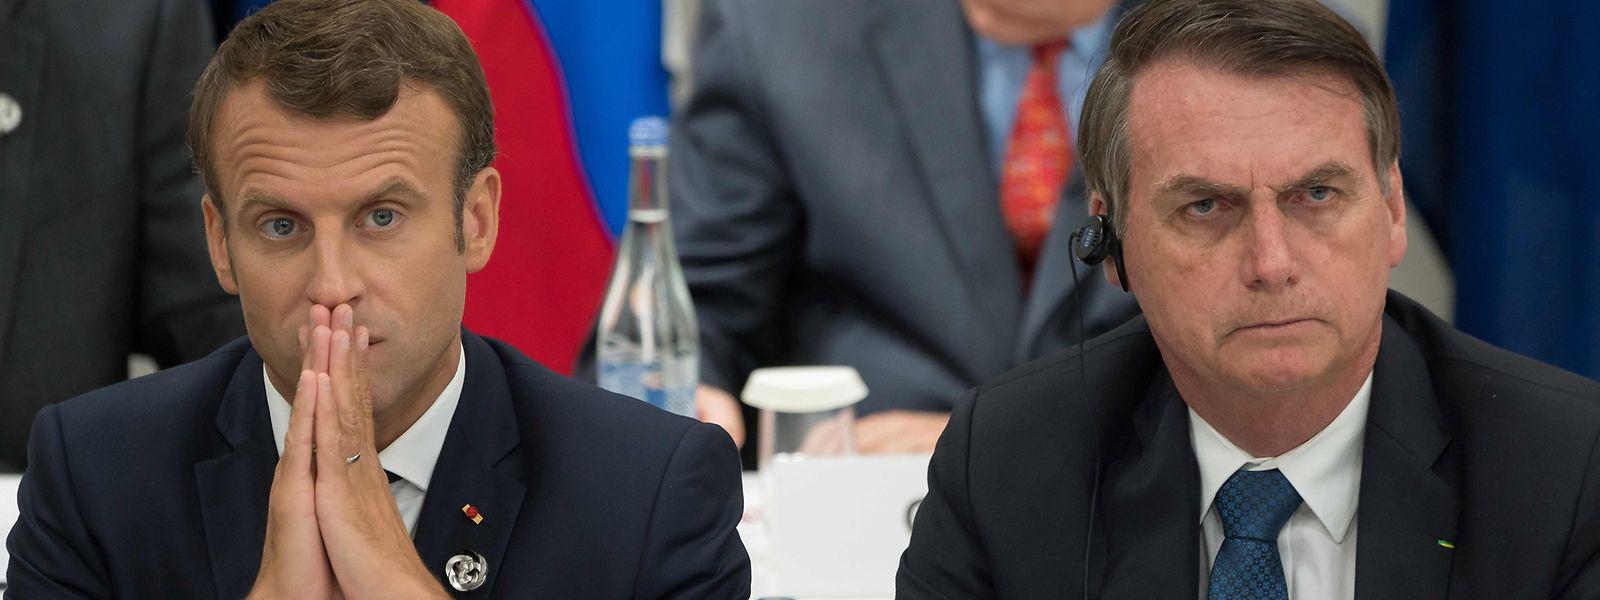 Zwischen Emmanuel Macron (L) und Jair Bolsonaro stimmt die Chemie offensichtlich nicht.